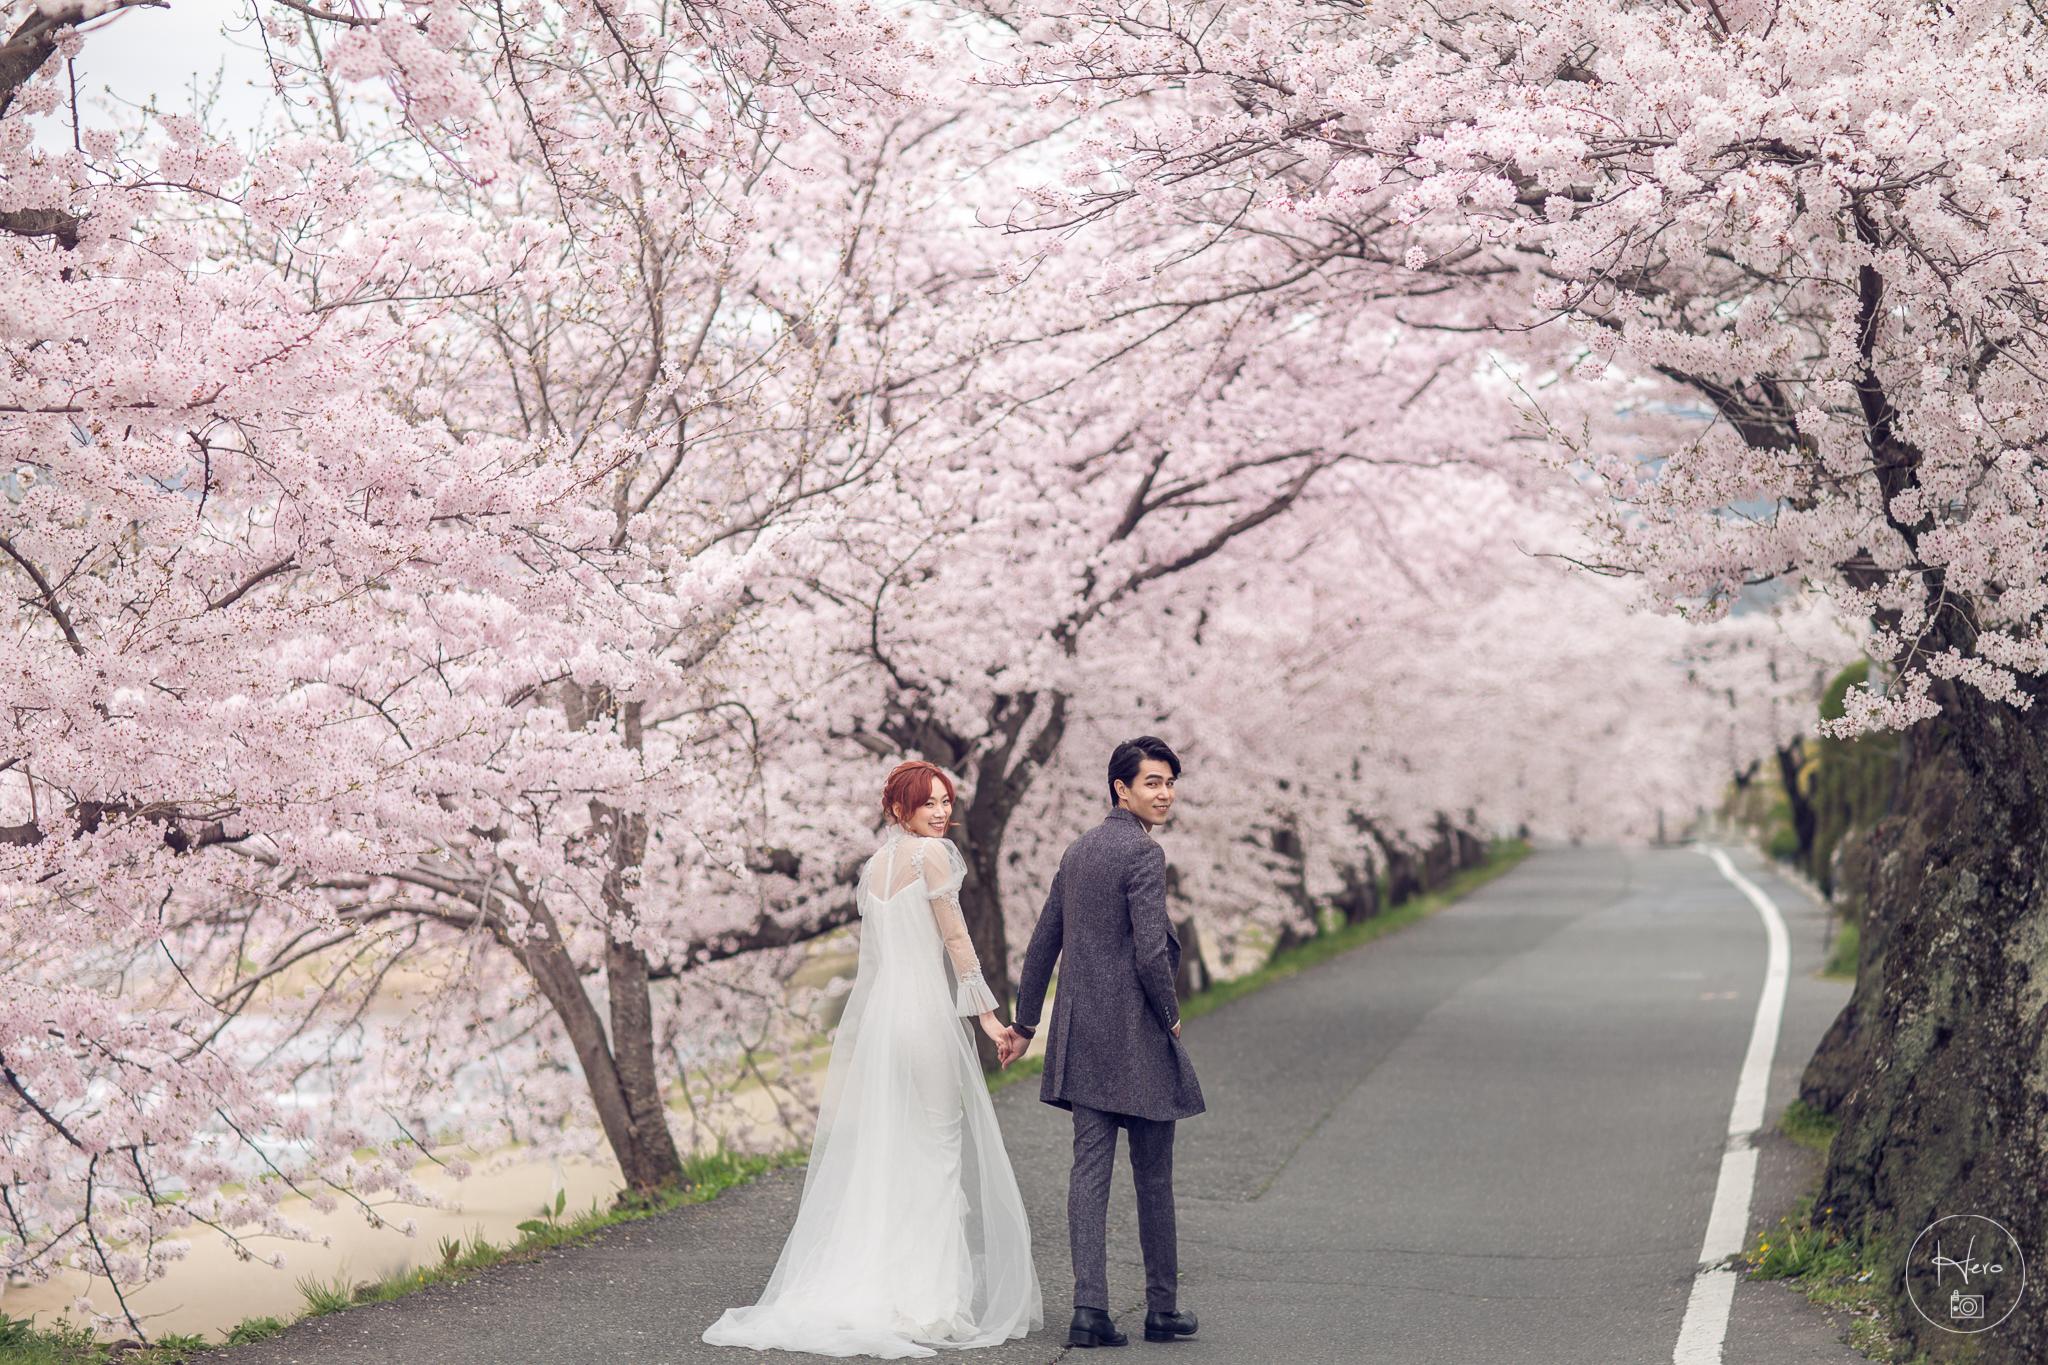 海外婚紗-京都 (12)